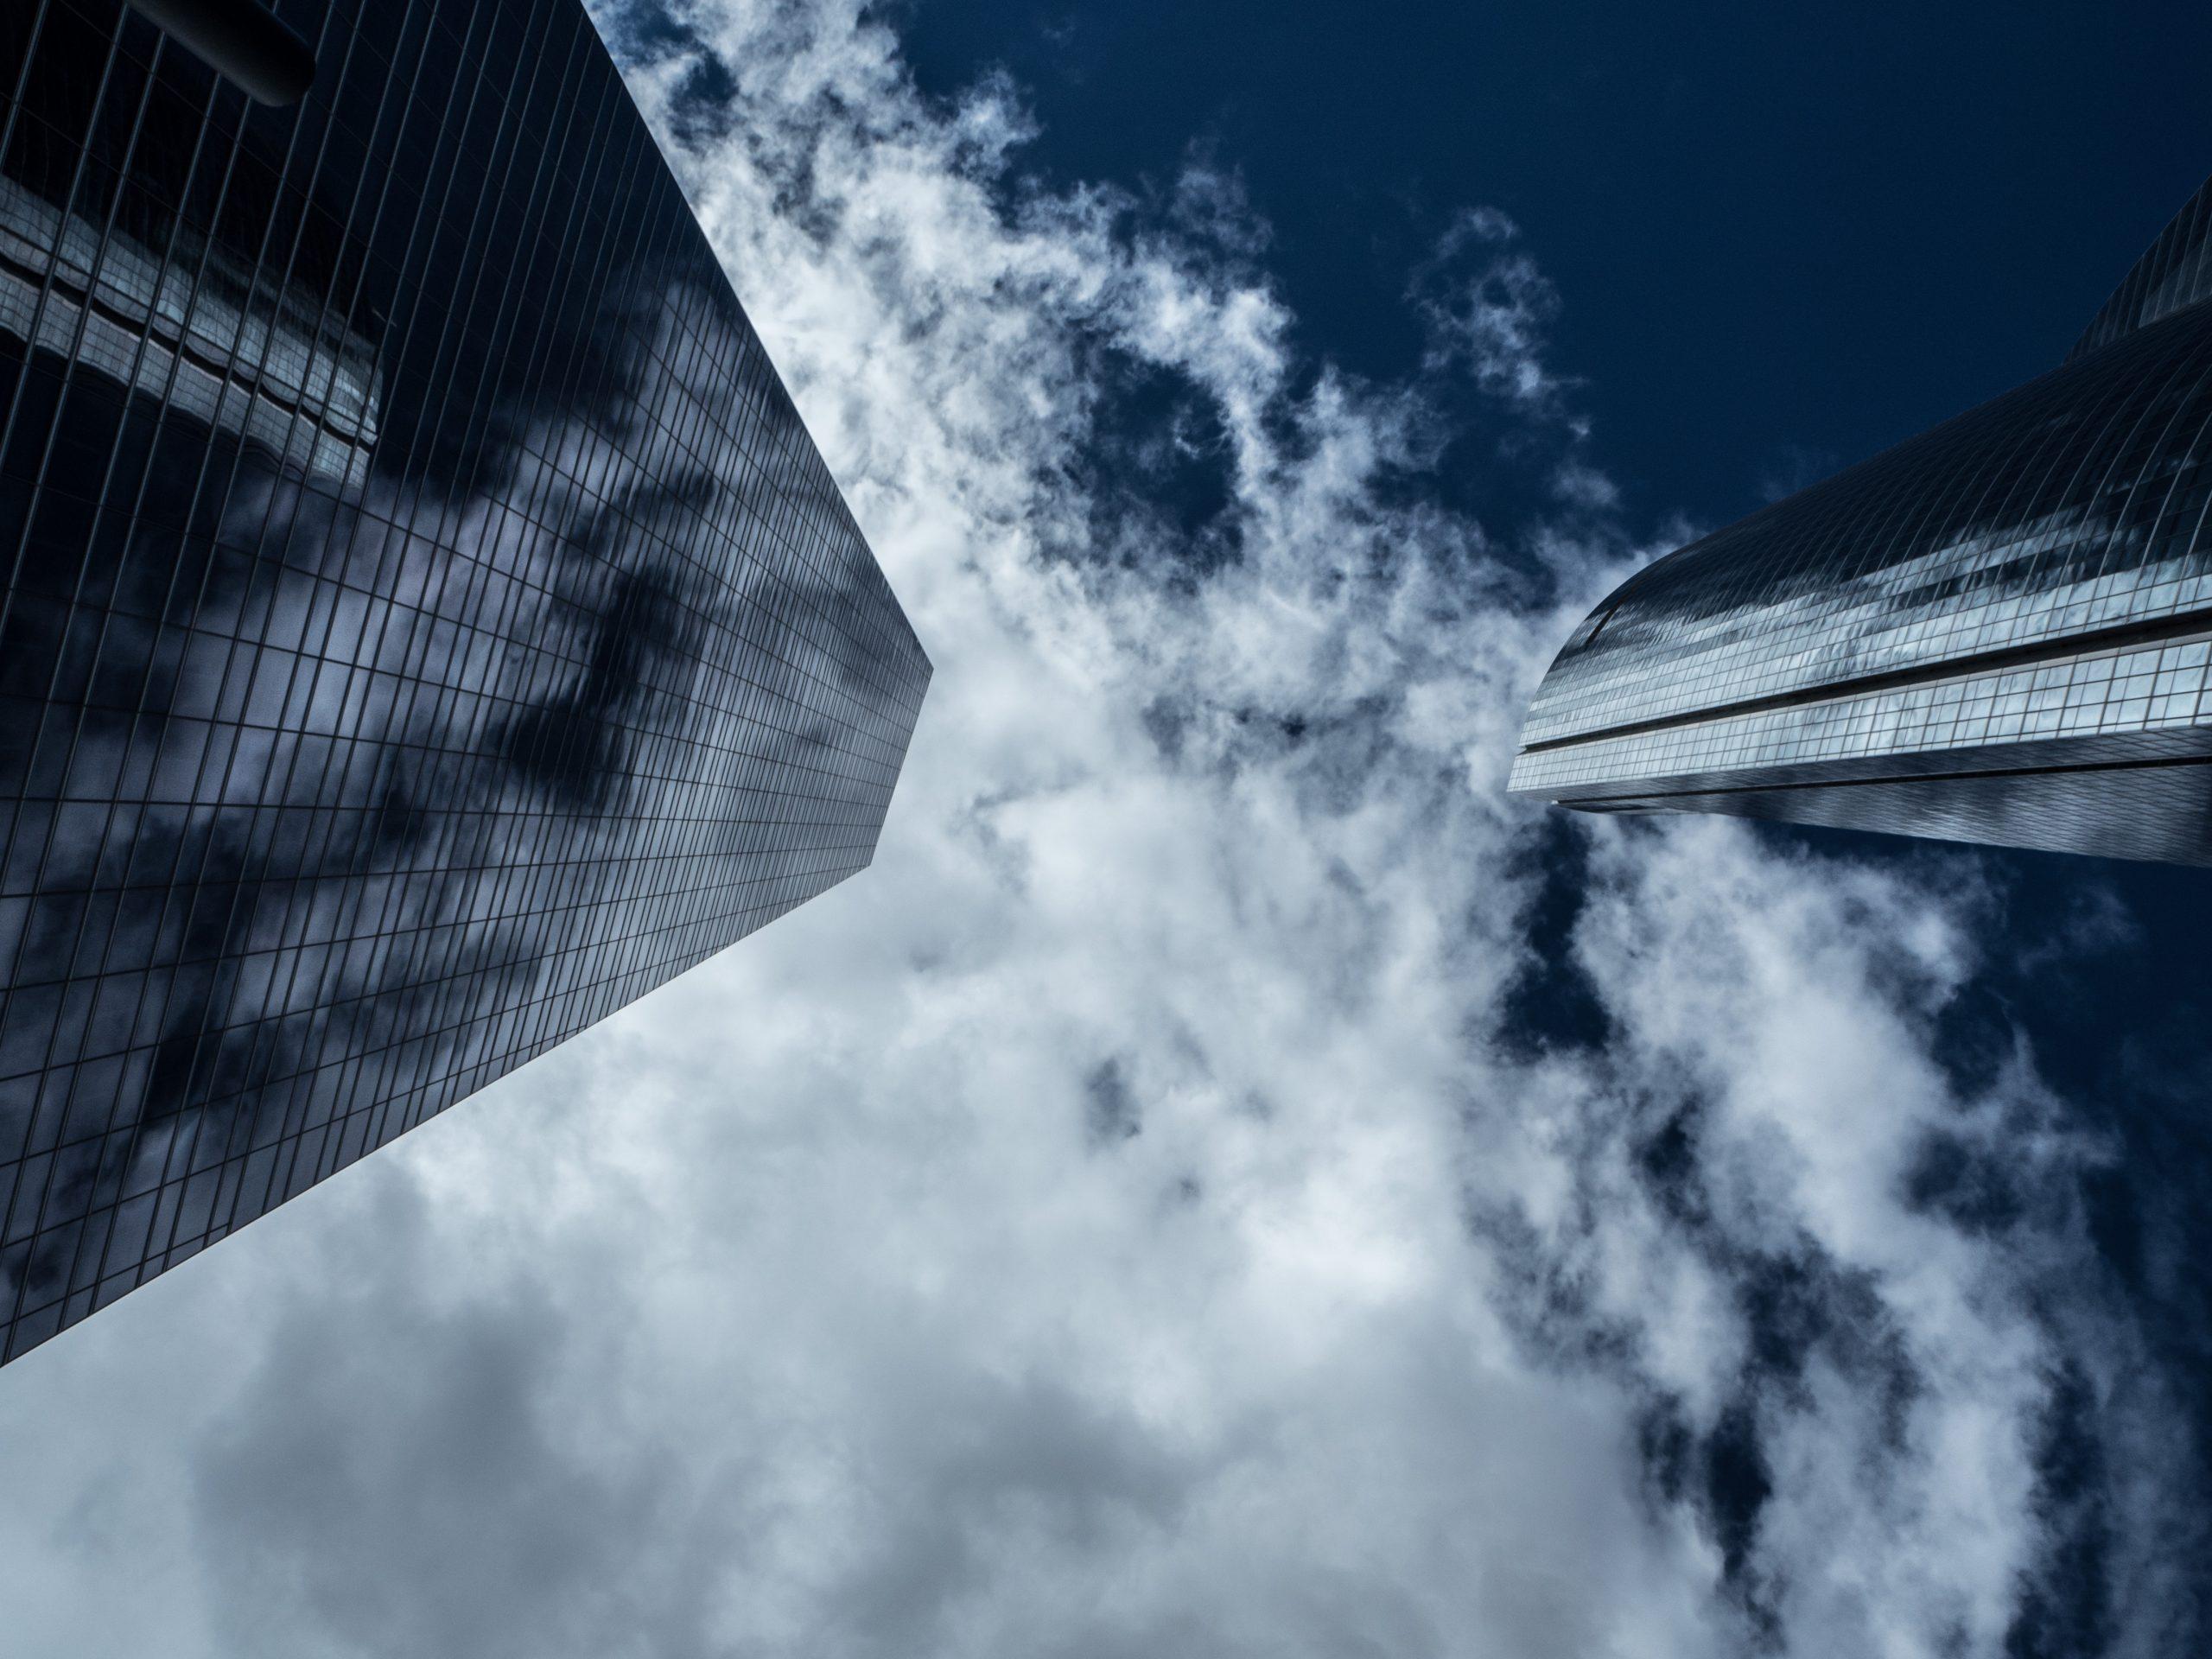 torres-1670889